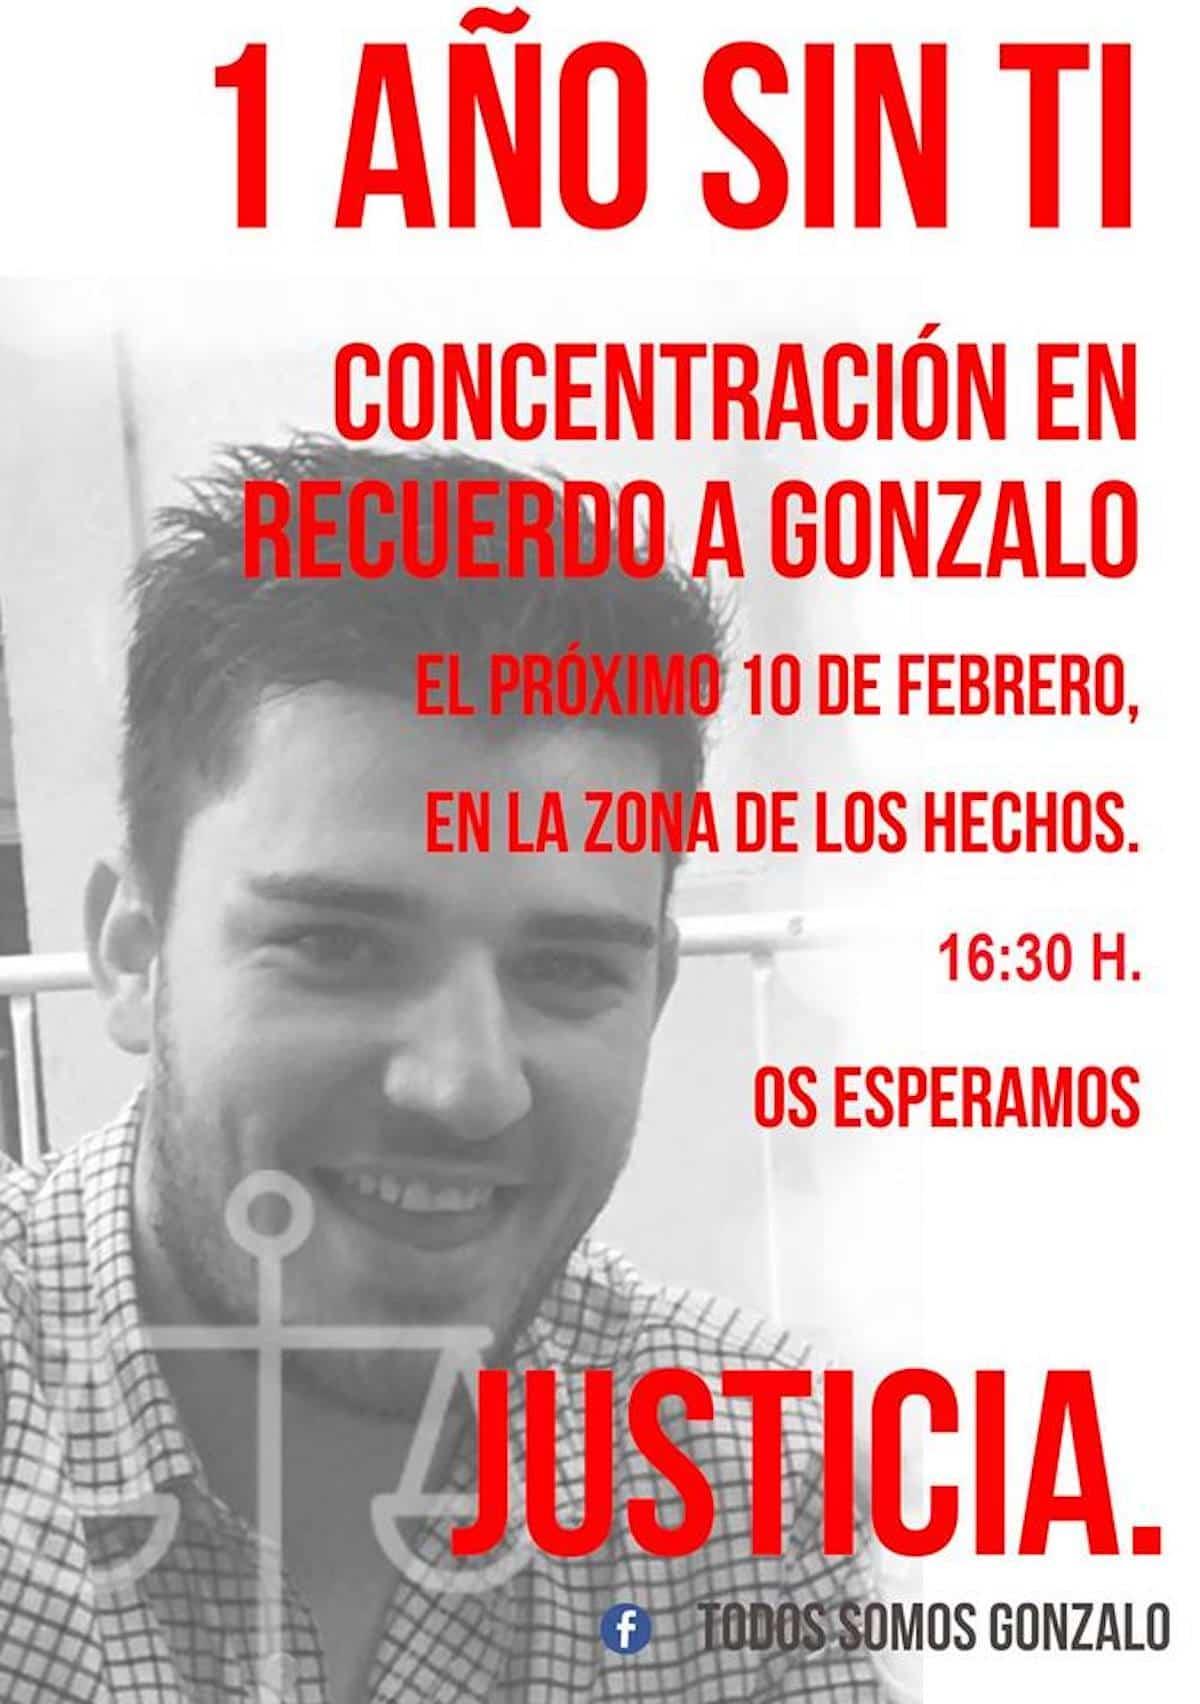 Concentración en recuerdo de Gonzalo en Herencia. 1 año sin tí